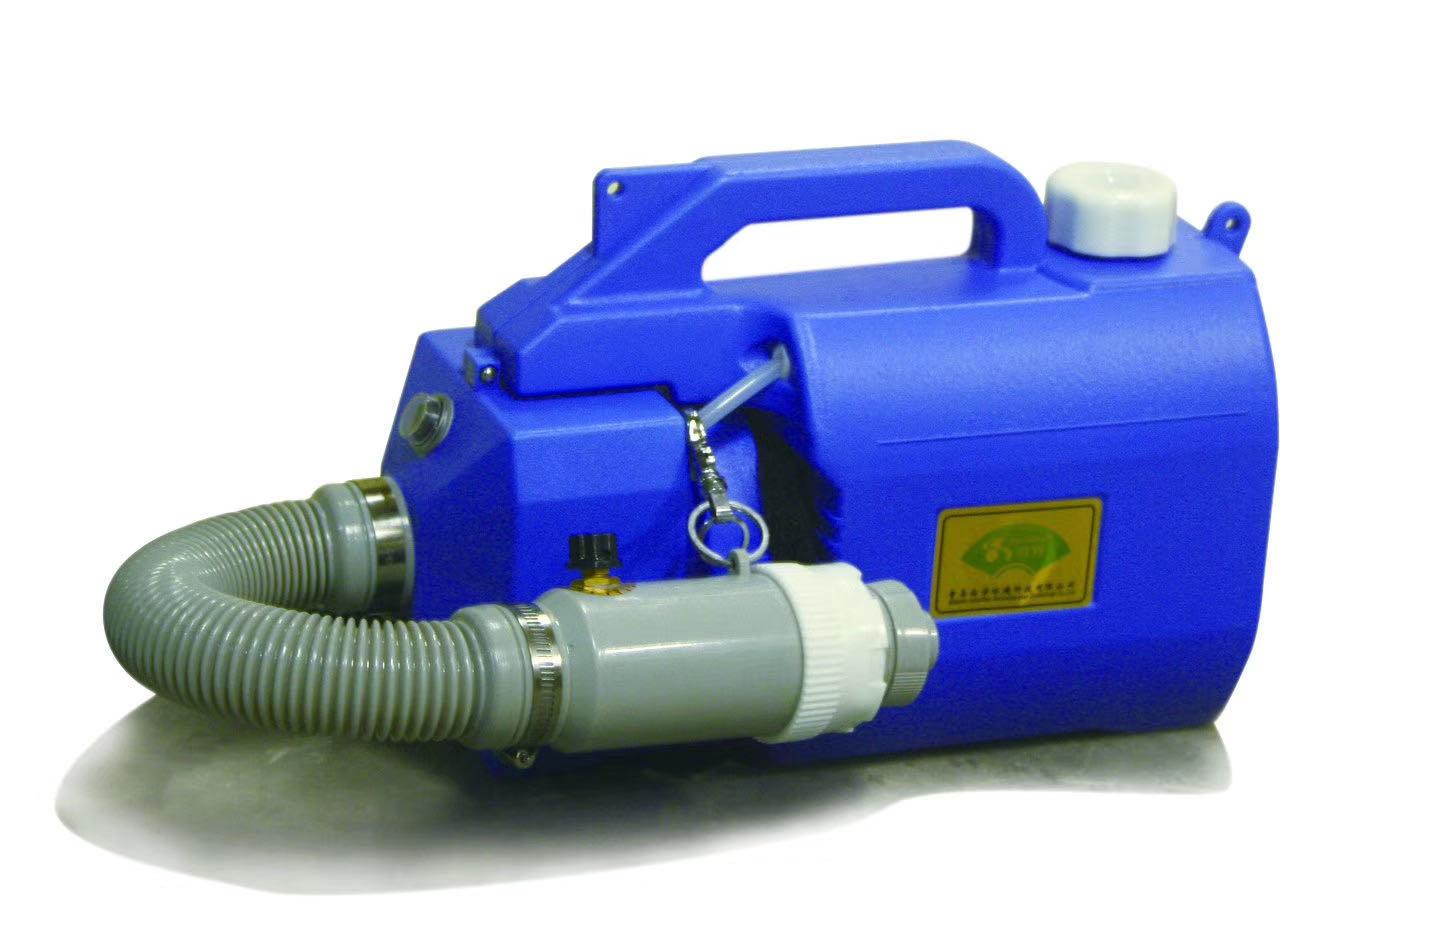 超低容量消毒喷雾器国家卫计委指定对新冠病毒有效设备